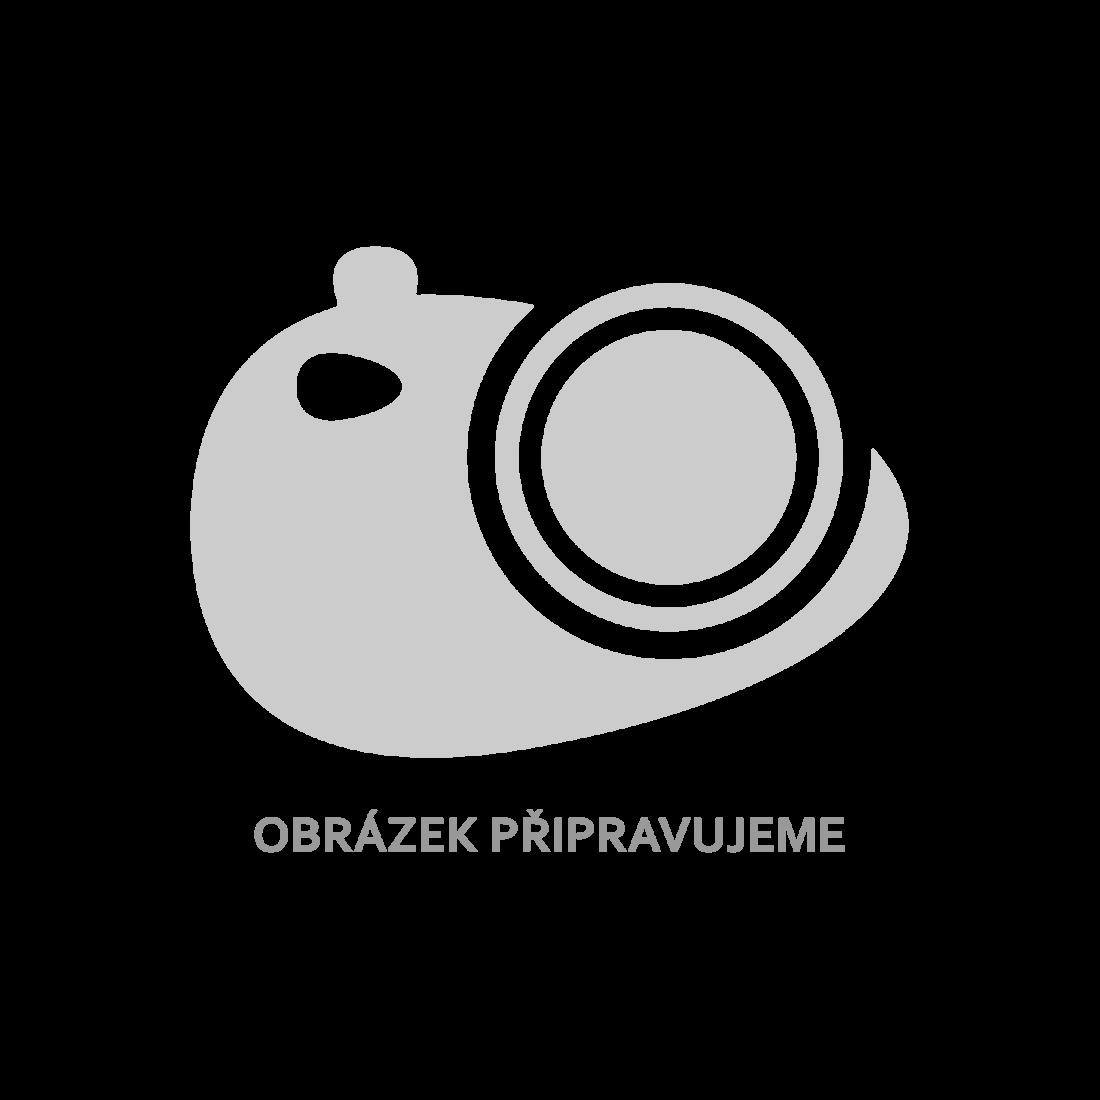 vidaXL Jídelní stůl a lavice 3 kusy dřevotříska bílá [244865]